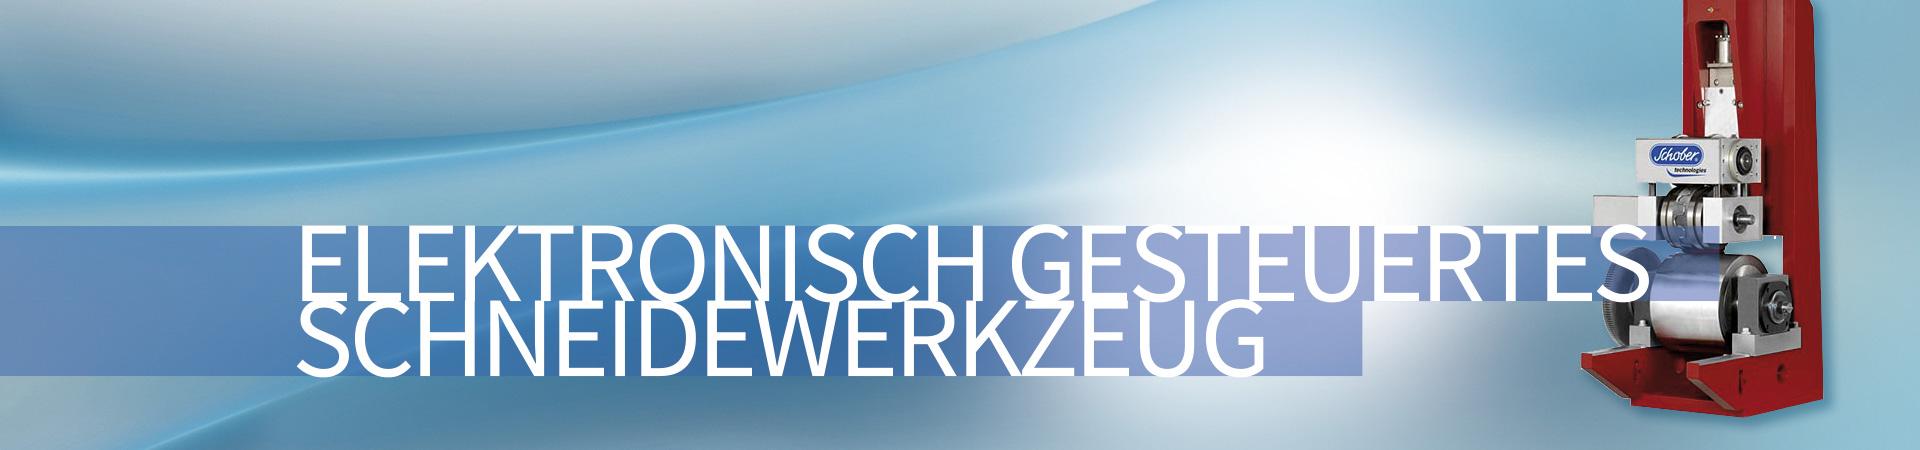 Schober_elektr_Schneidewerkzeug_de